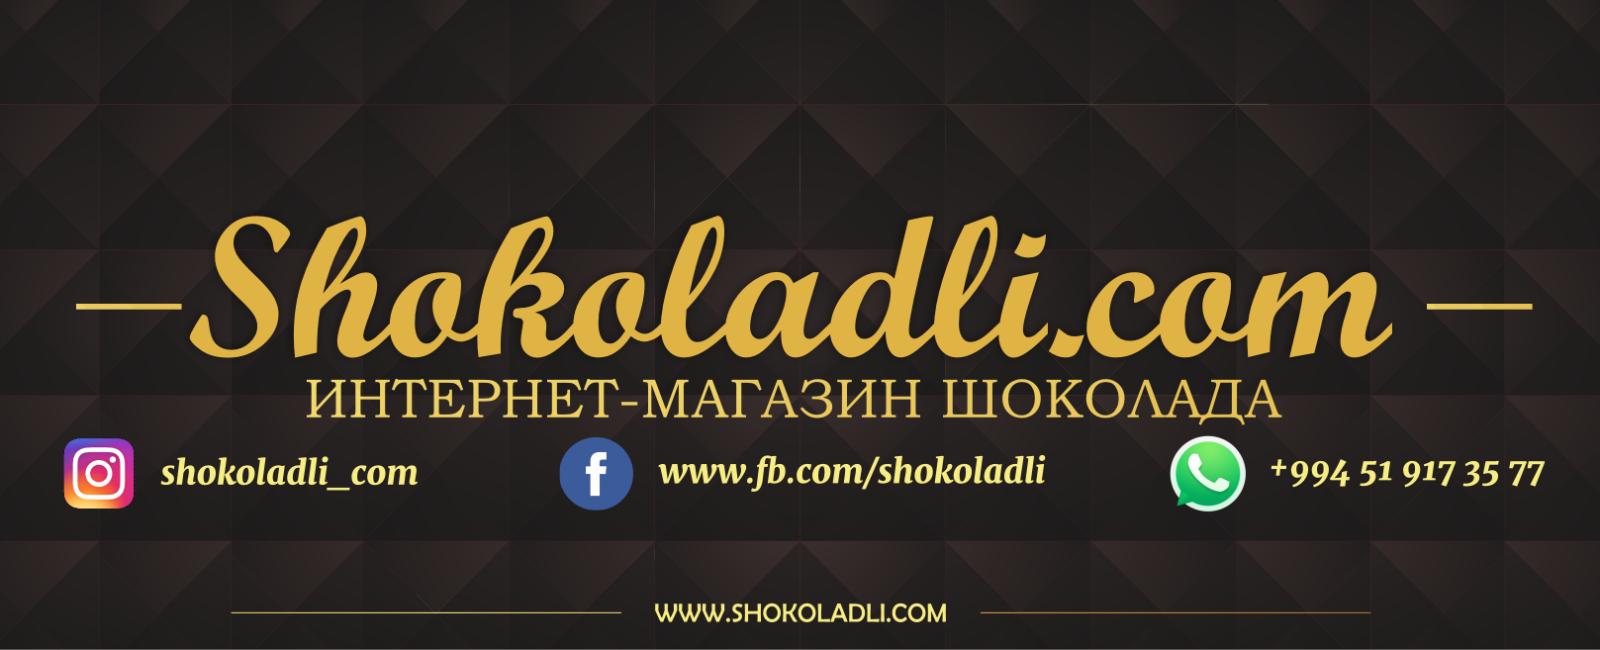 shokoladli.com-шоколадные наборы